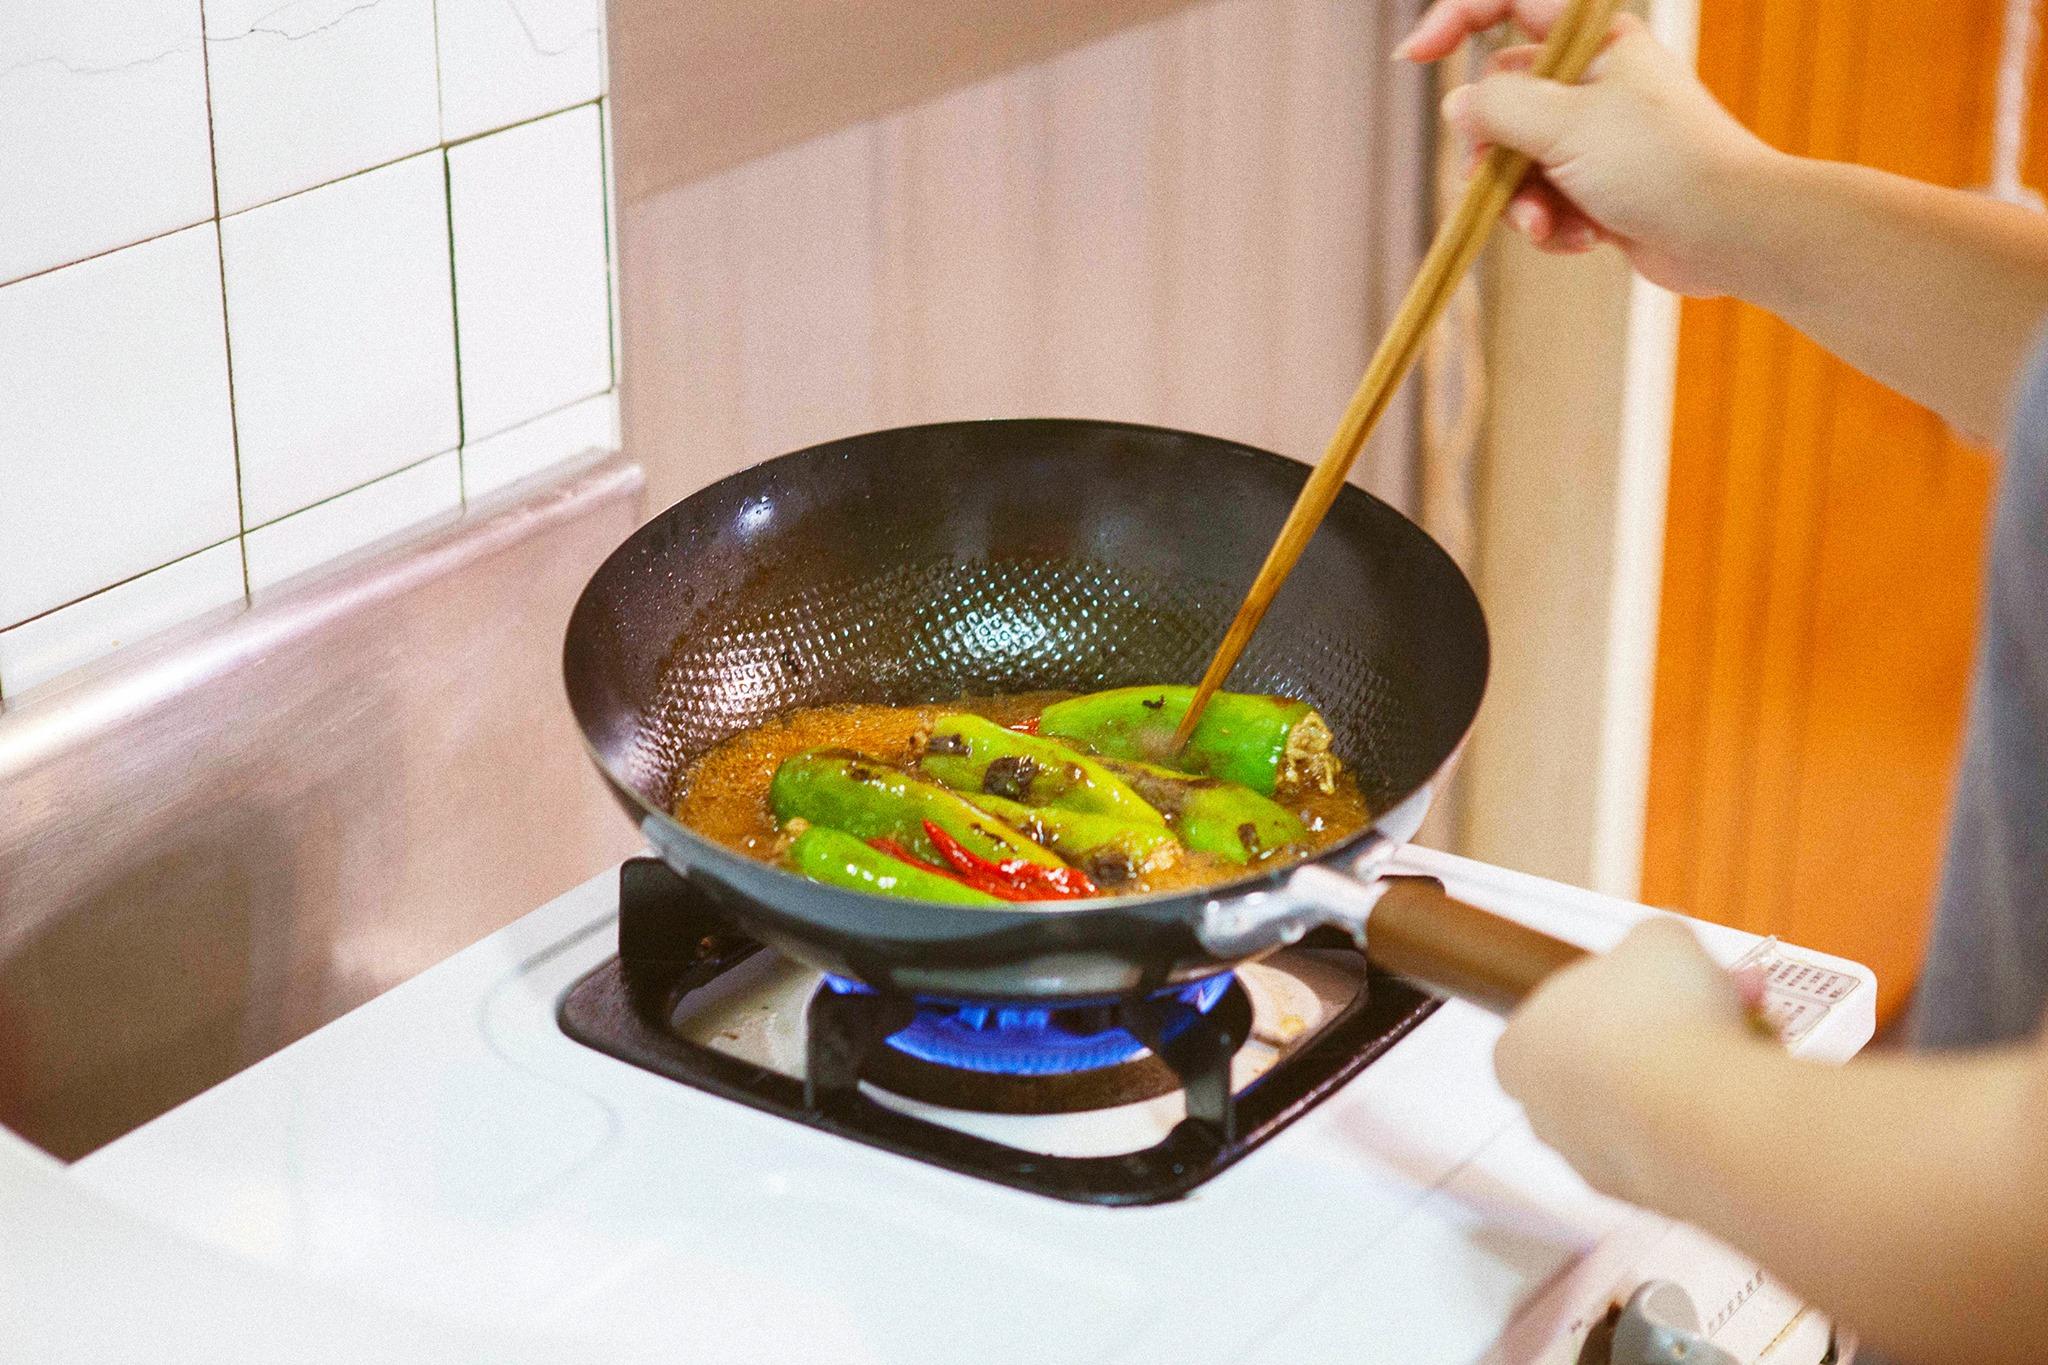 加入醬油蔭油紹興酒與冰糖煮製,有弧度的深鍋不太費醬料,火力旺煮製時間縮短。